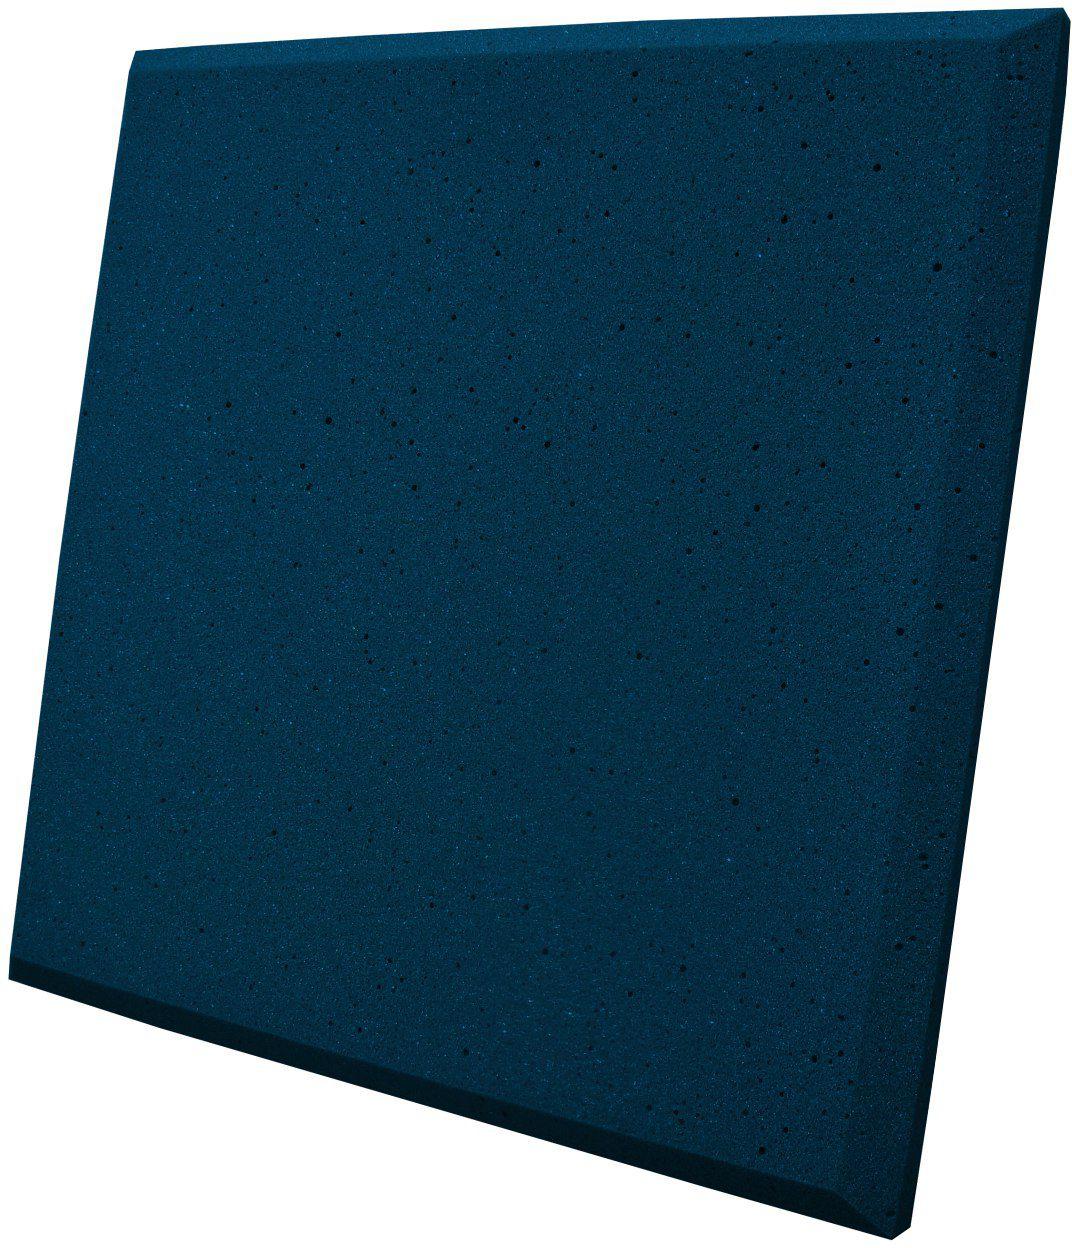 Espuma acústica Linha REV - P - Azul - Kit 4 peças (1m²) 30mm  - Loja SPL Acústica